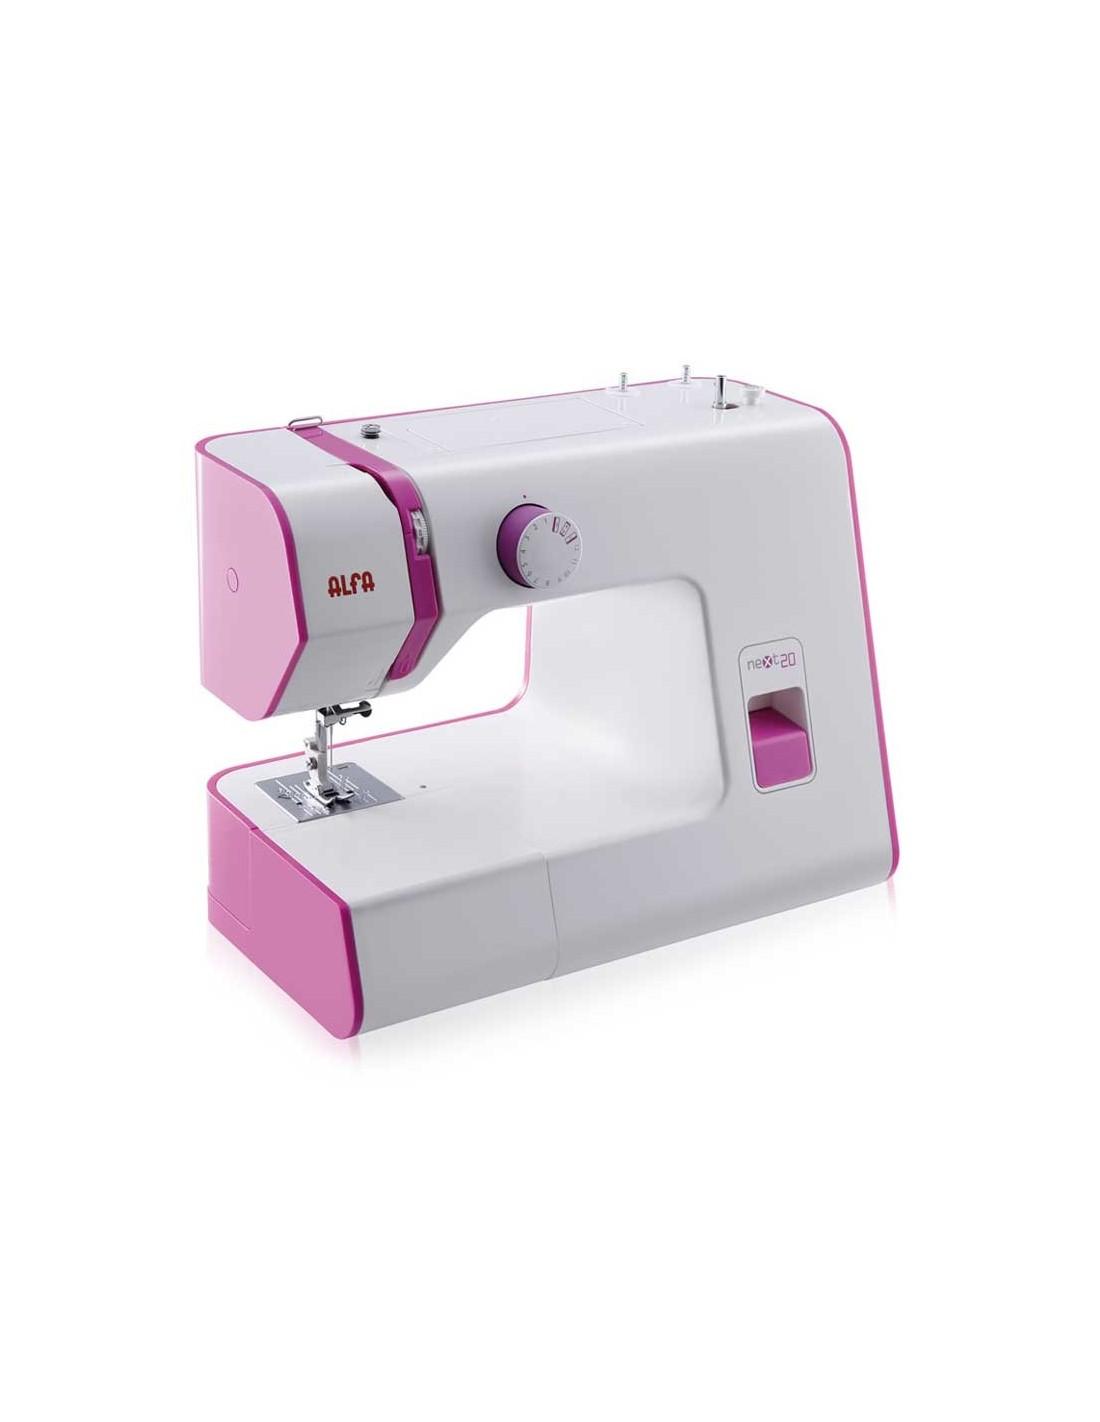 Maquina de coser Alfa Next 20